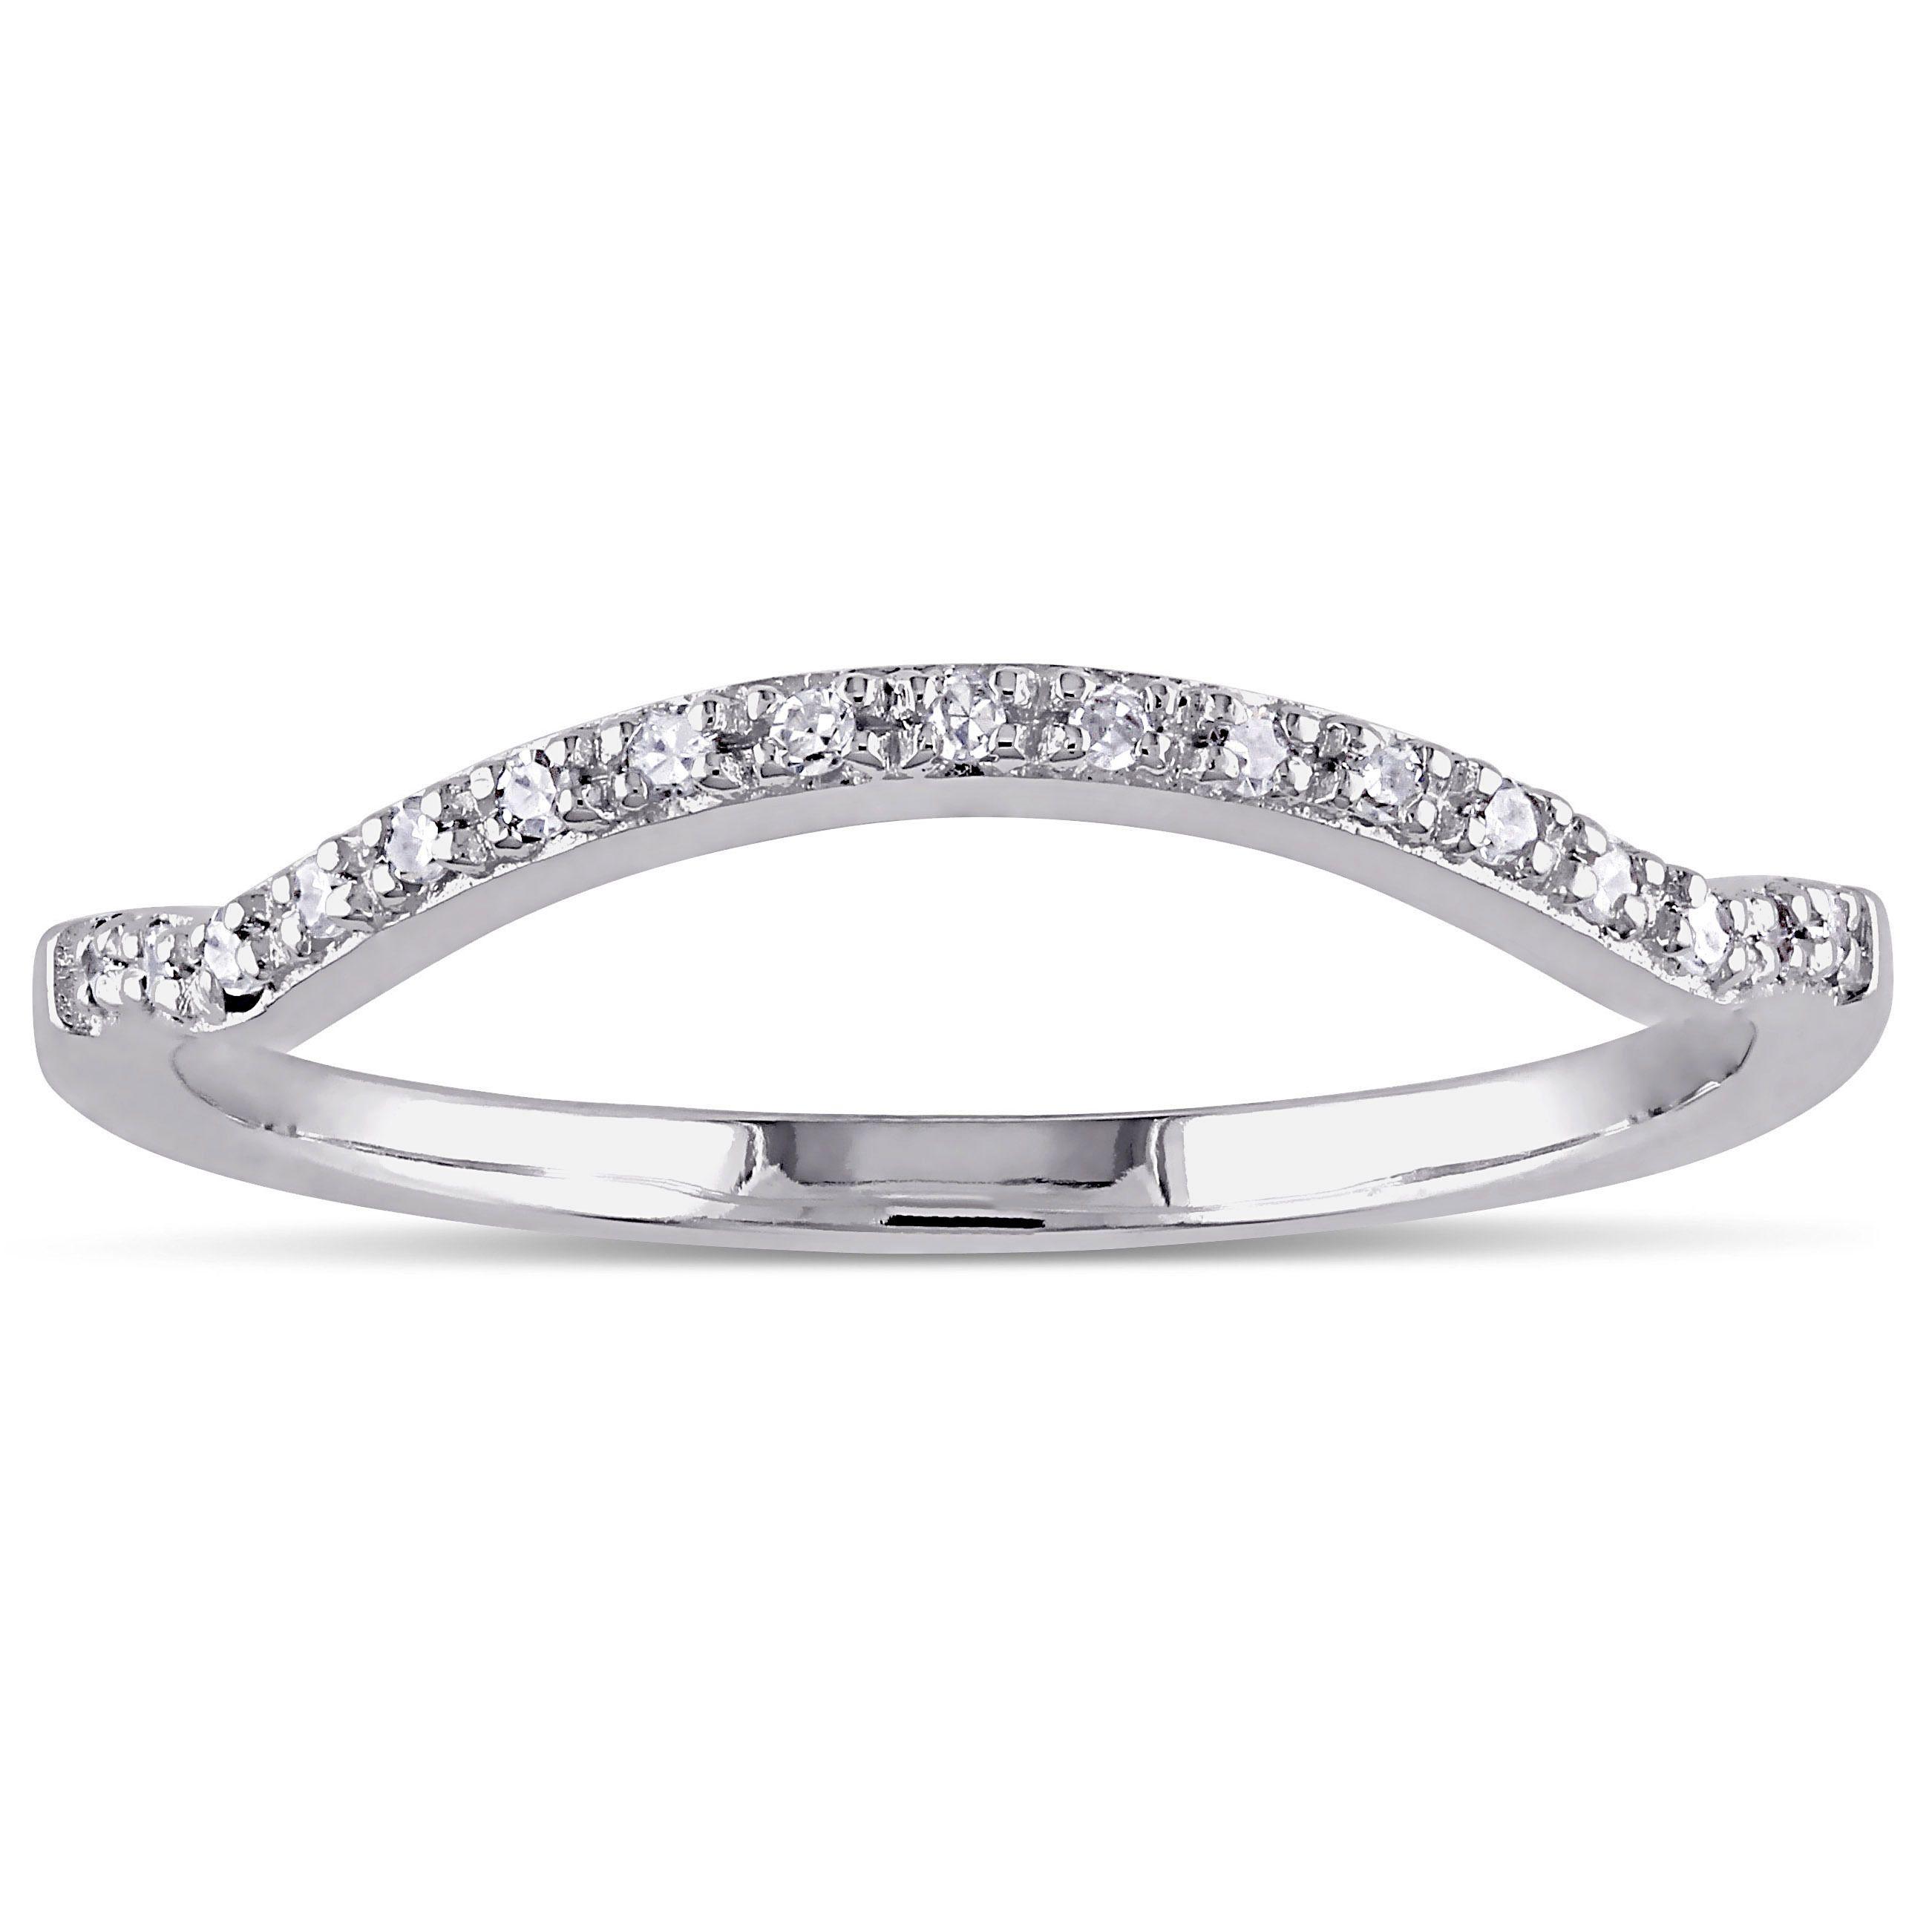 Miadora 10k White Gold Diamond Accent Contour Anniversary